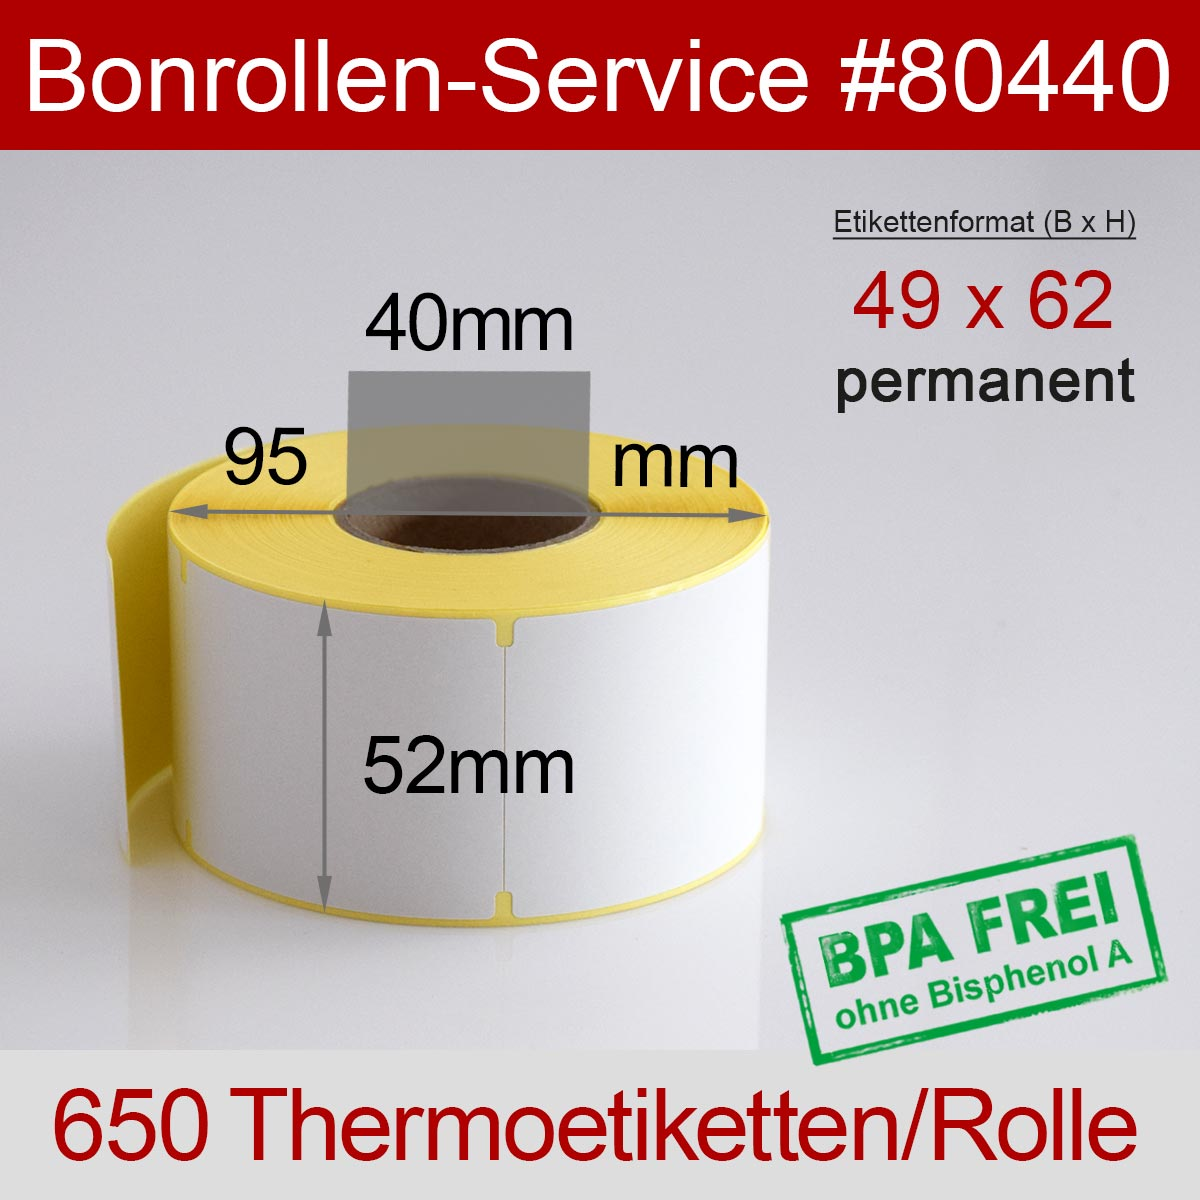 Thermo-Etikettenrollen BPA-frei 49mm x 62mm für Avery Berkel, permanent - Detailansicht